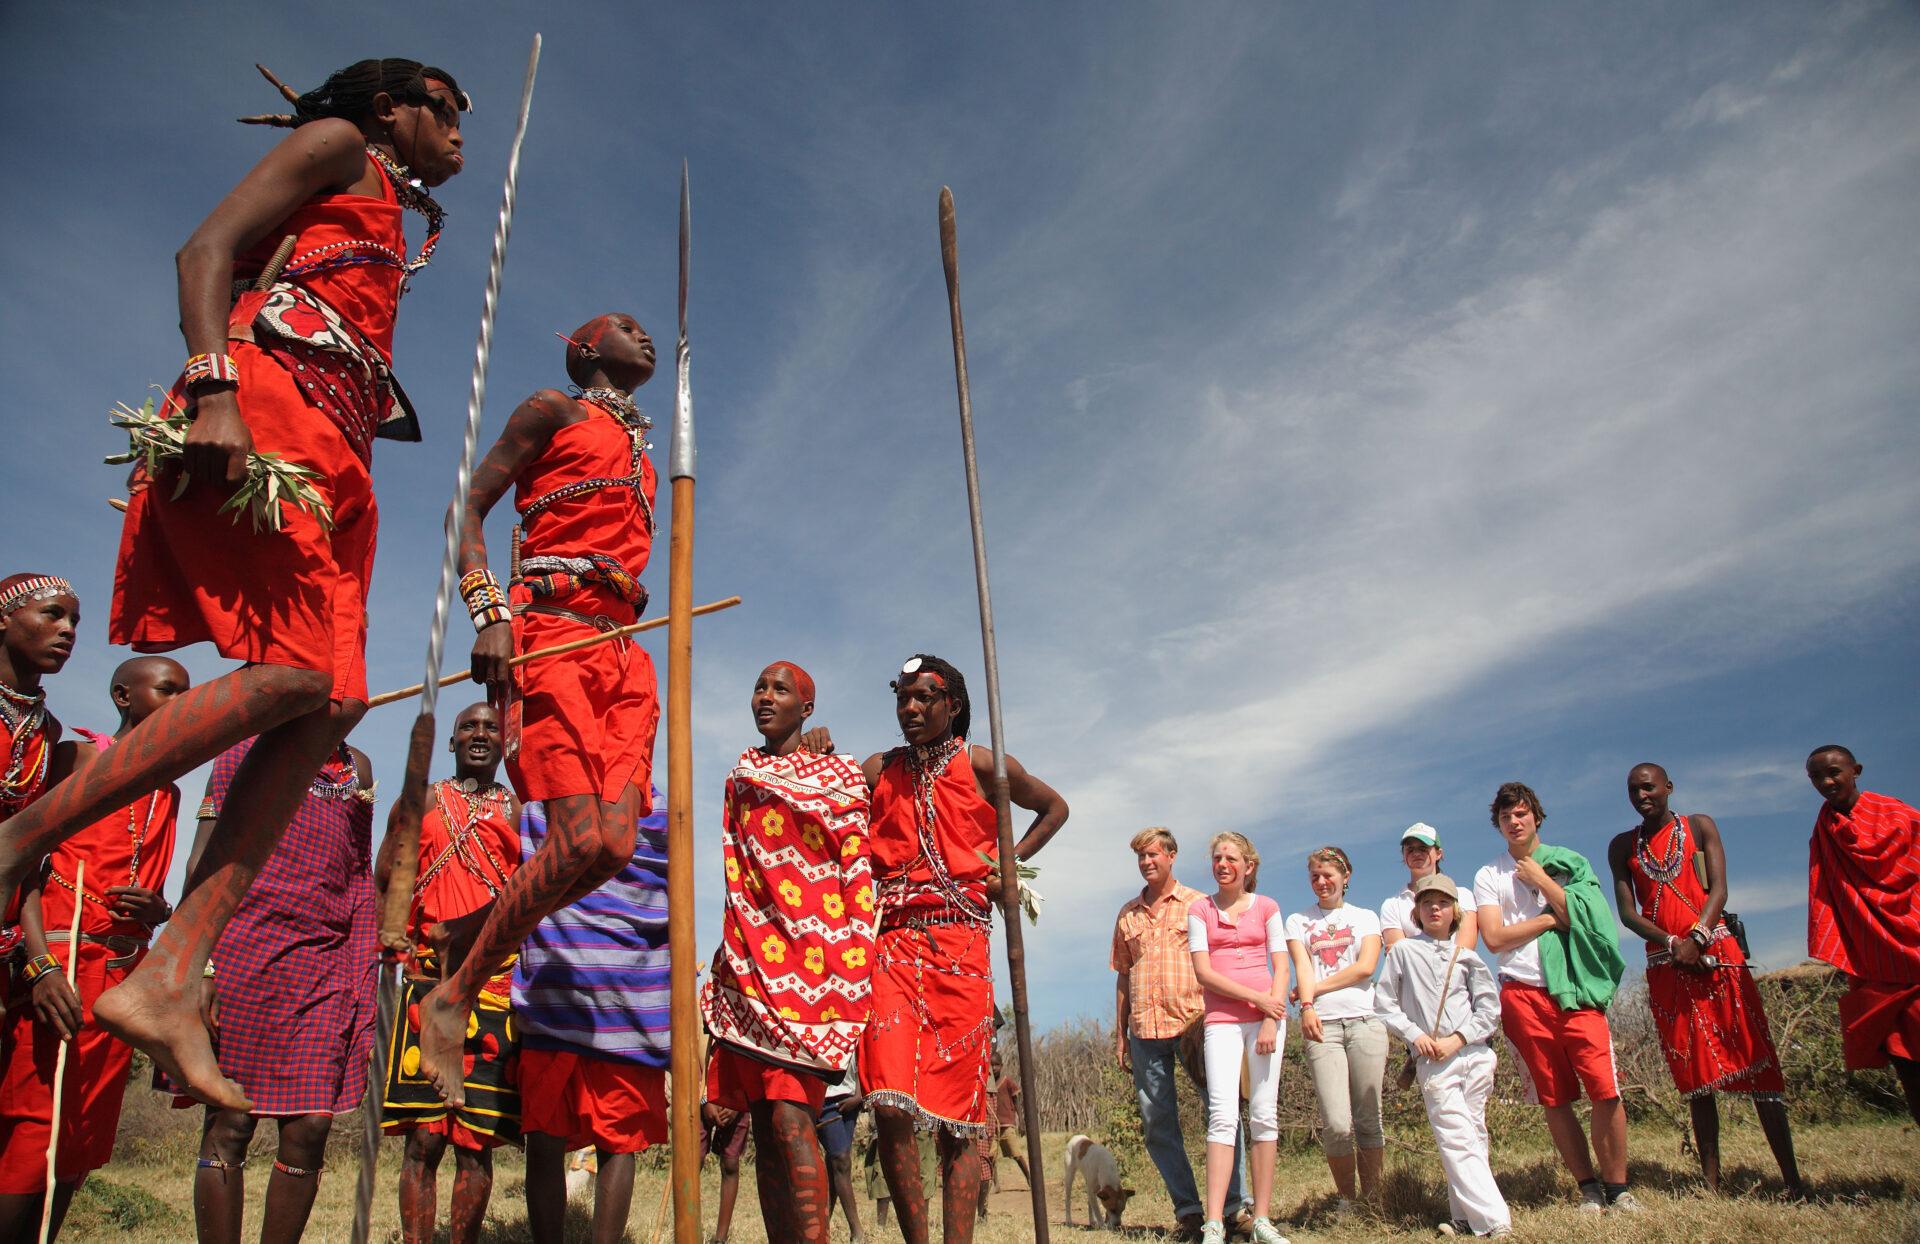 Jumping with the Maasai